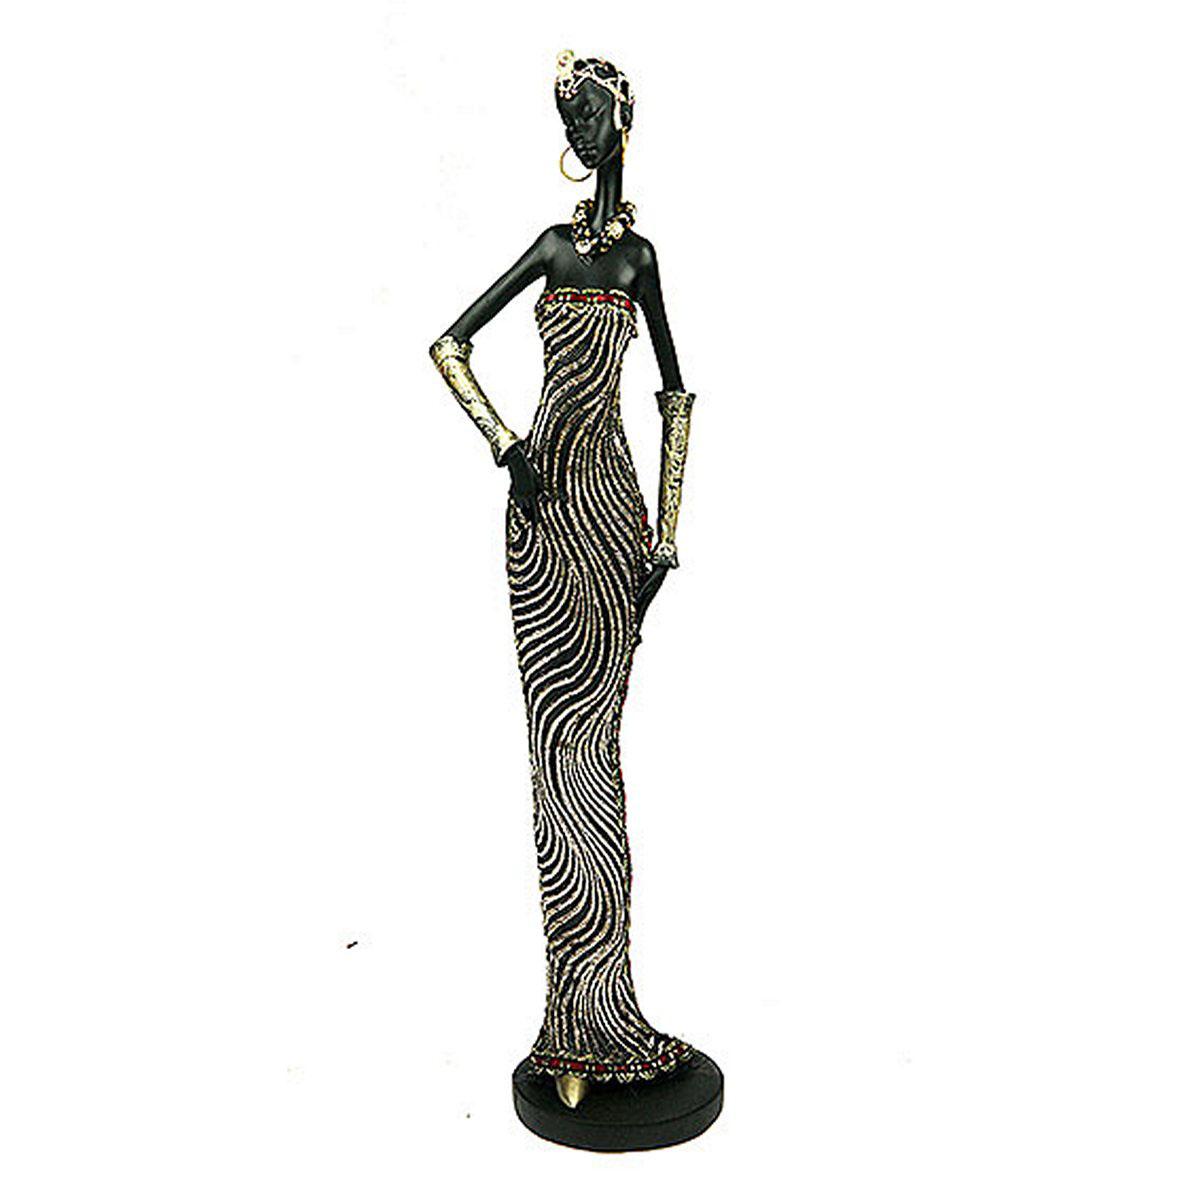 Статуэтка Русские Подарки Африканка, 7 х 8 х 32 см20619Статуэтка Русские Подарки Африканка, изготовленная из полистоуна, имеет изысканный внешний вид. Изделие станет прекрасным украшением интерьера гостиной, офиса или дома. Вы можете поставить статуэтку в любое место, где она будет удачно смотреться и радовать глаз. Правила ухода: регулярно вытирать пыль сухой, мягкой тканью.